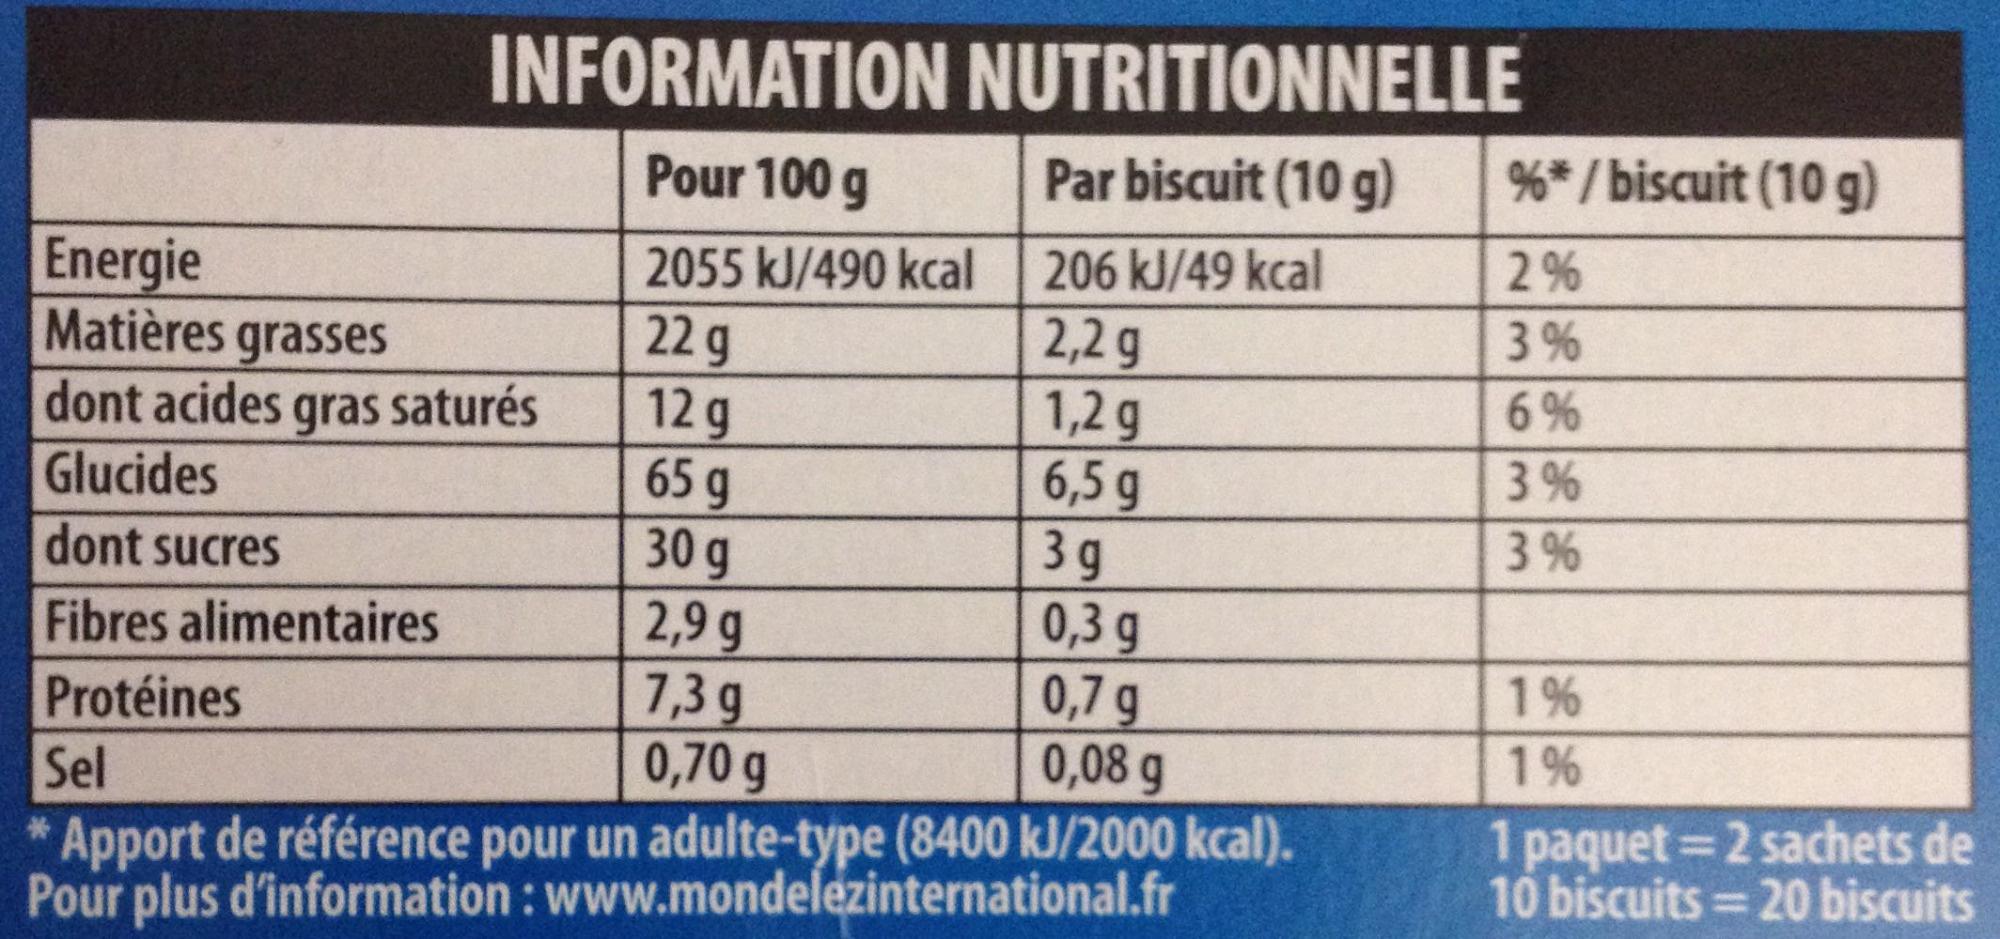 Pépito chocolat au lait - Informations nutritionnelles